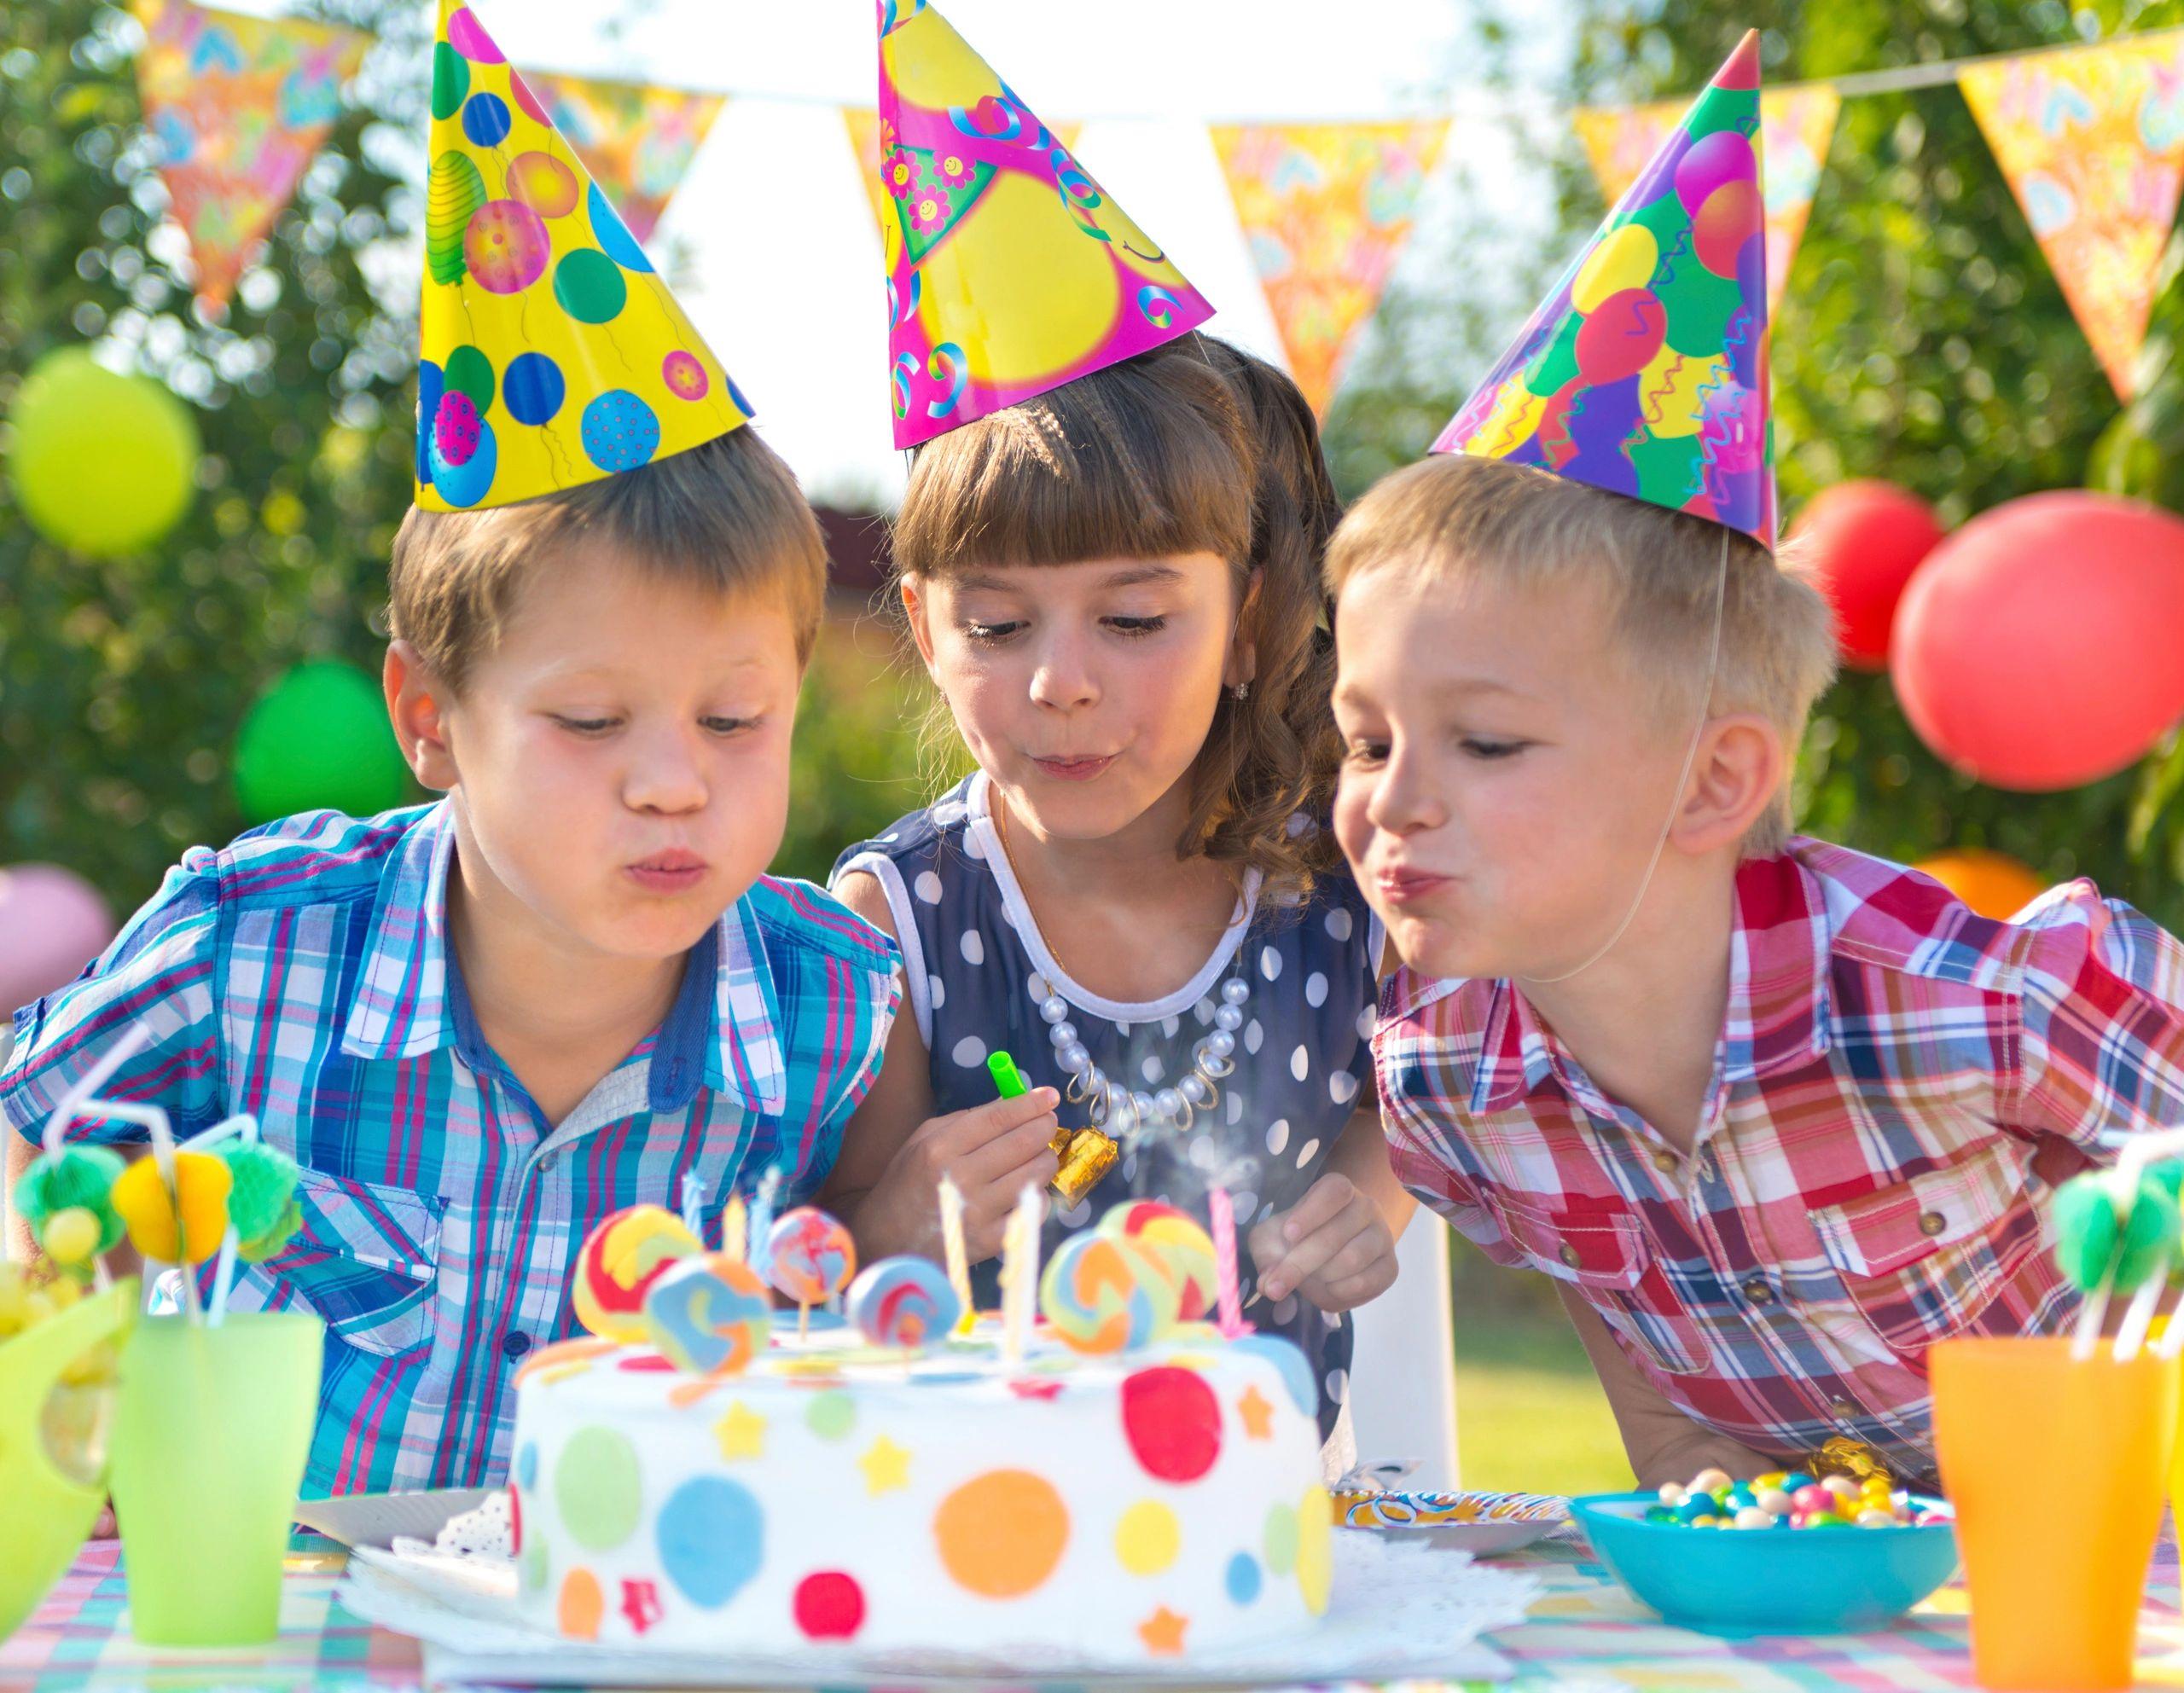 Подарки для детей Что подарить ребенку на день рождения?